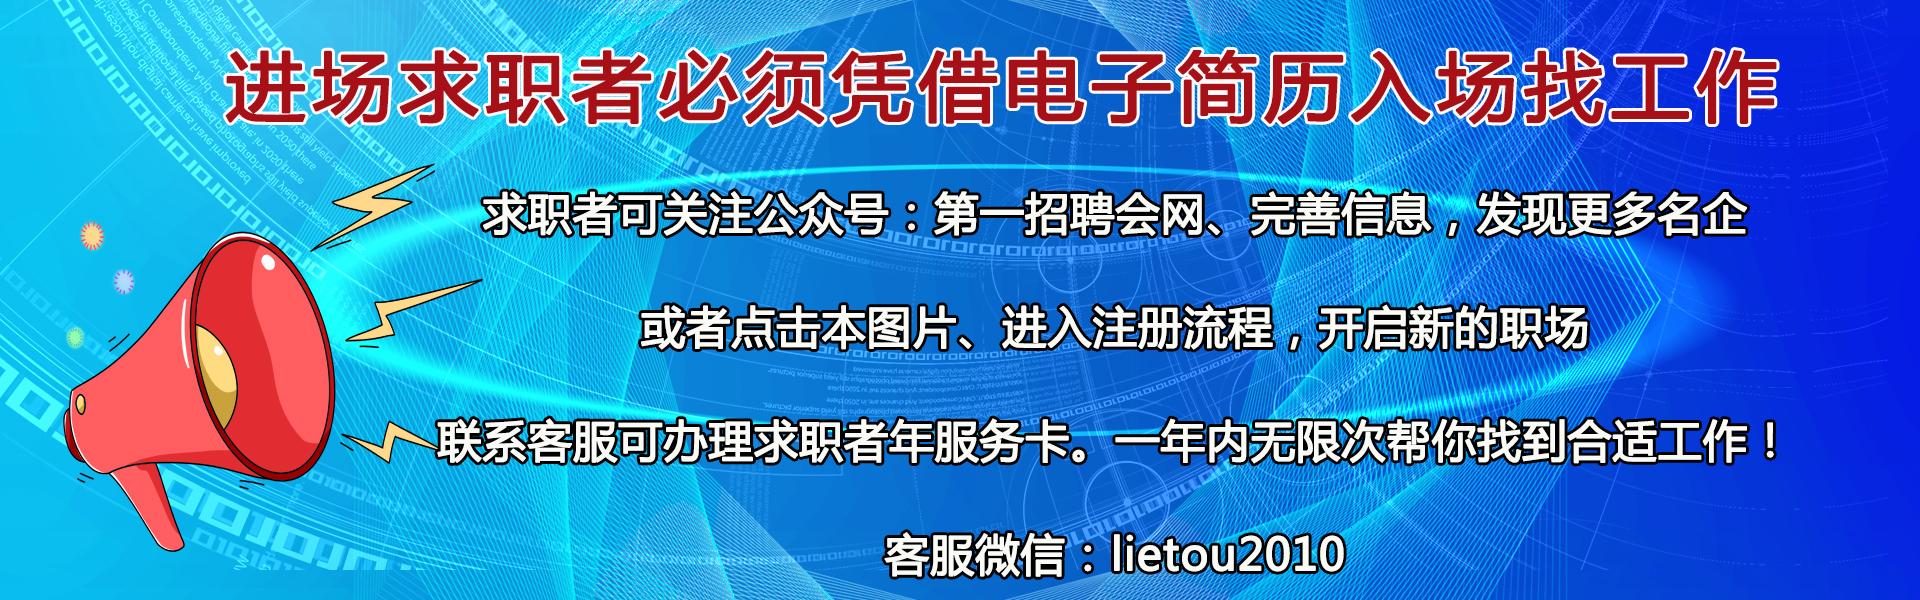 2021年2月24日25日郑州国际会展中